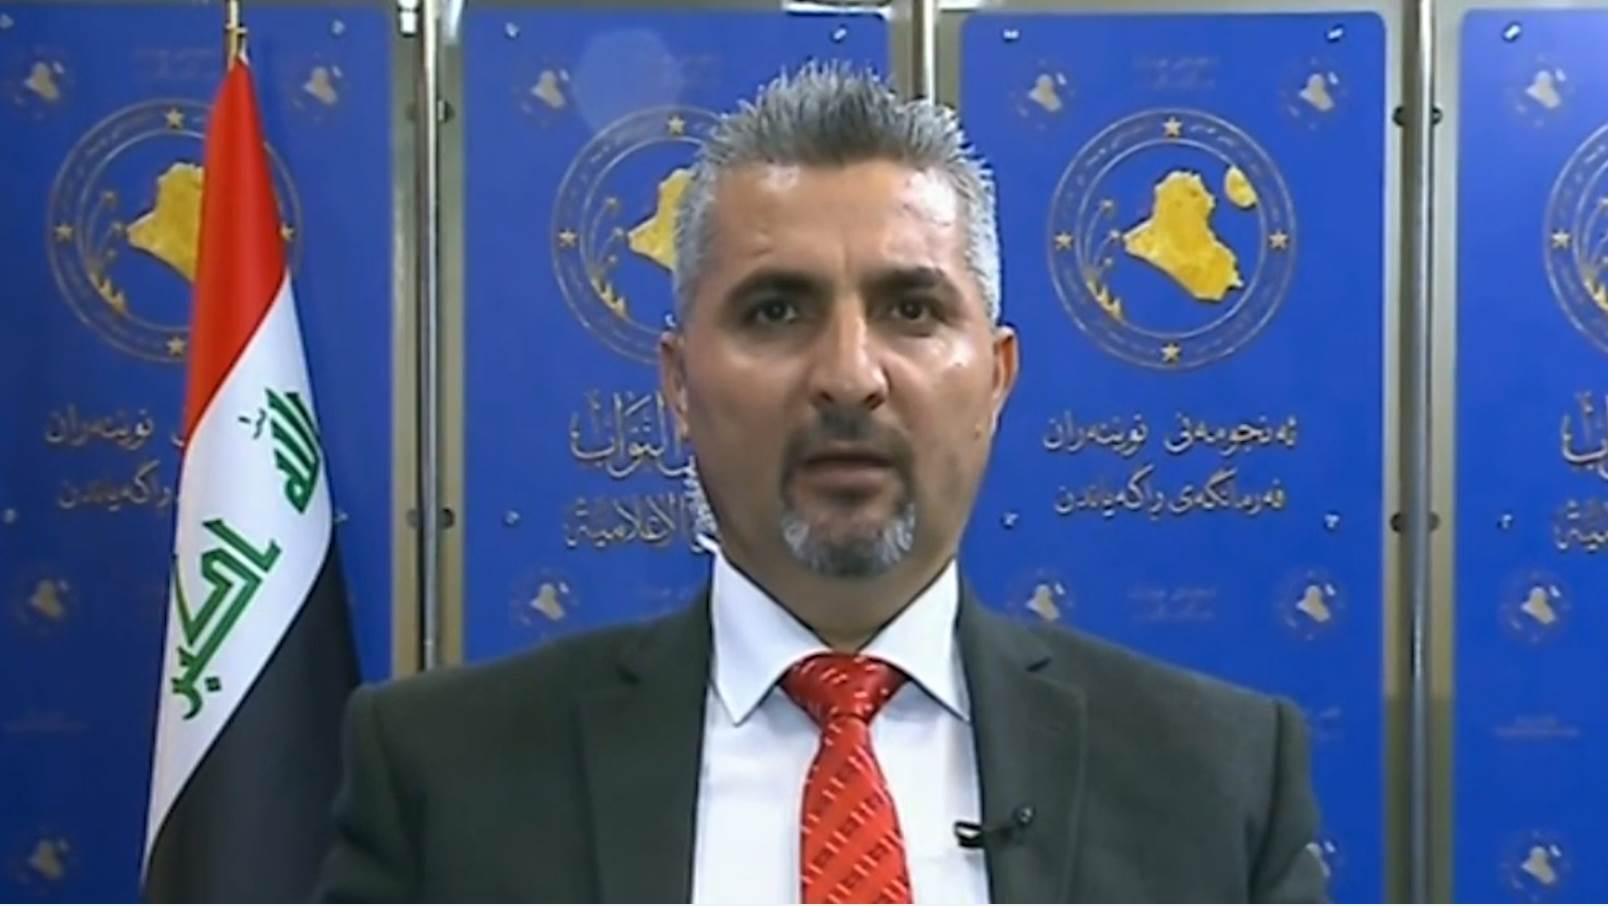 المالية النيابية تطالب وزارة المالية بتقليل النفقات وتعظيم الايرادات